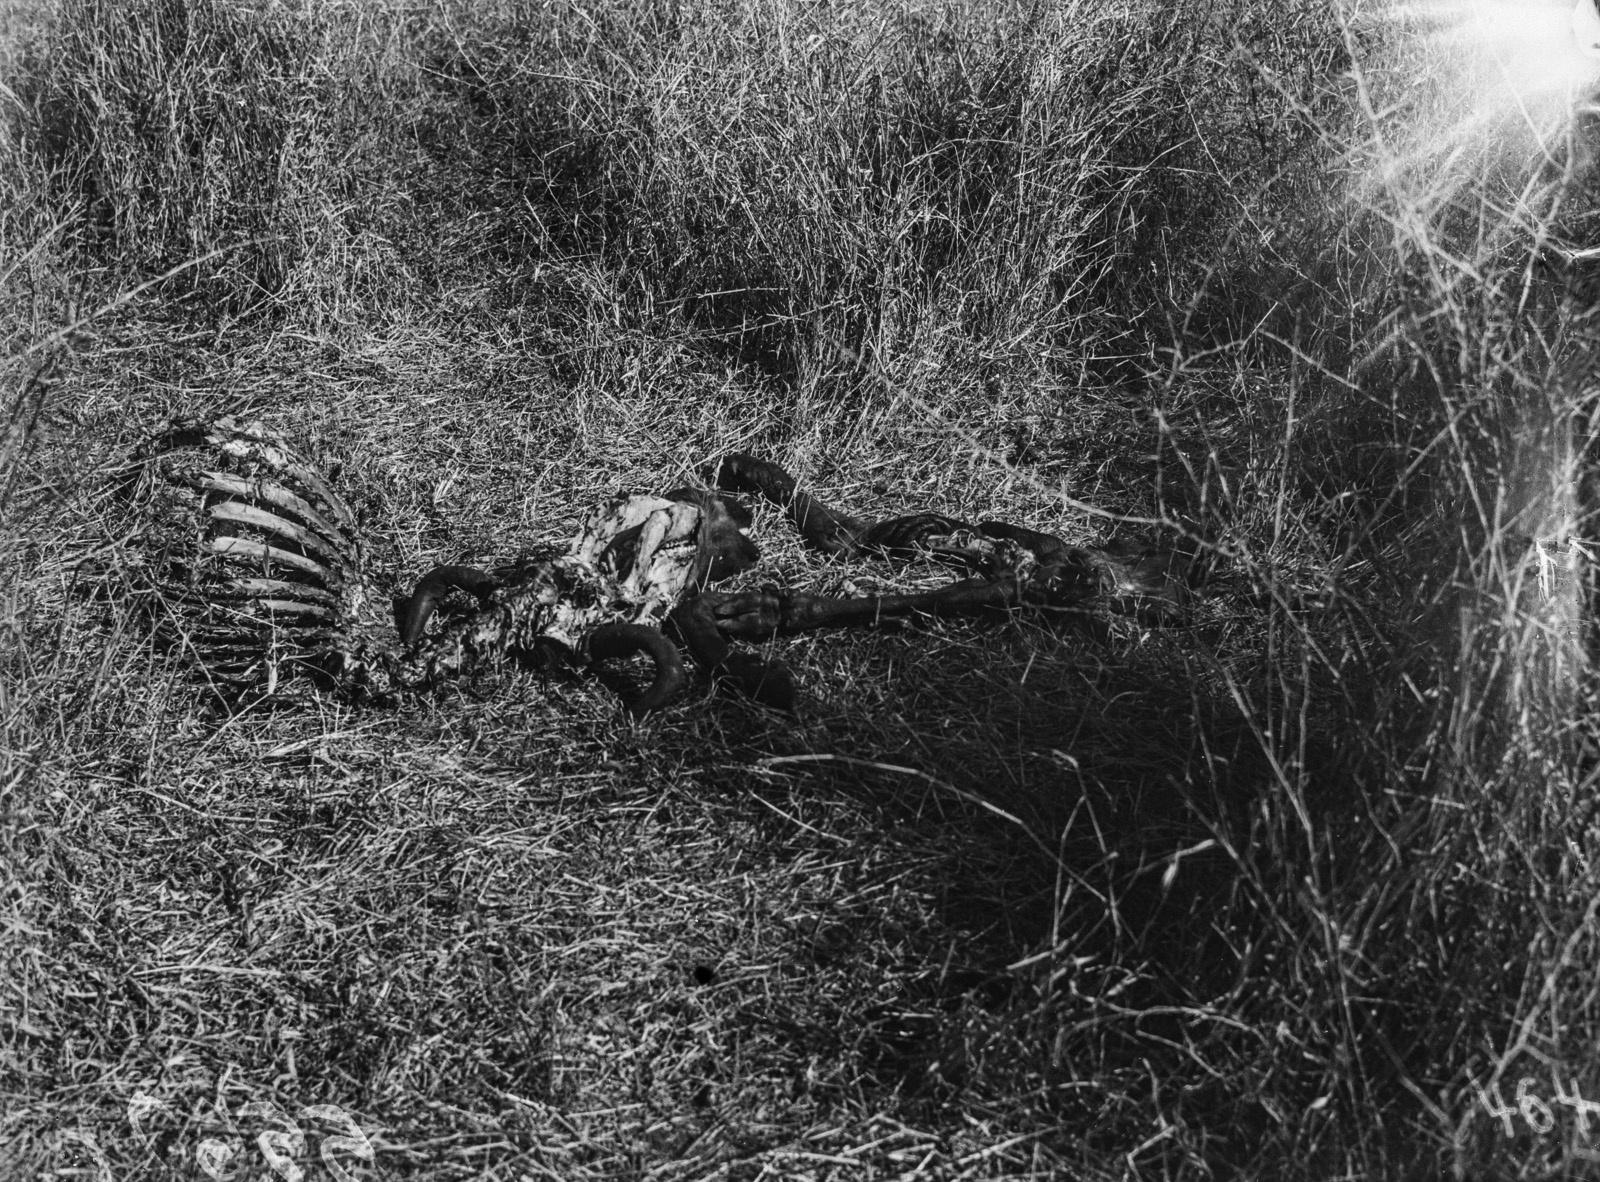 Национальный парк Крюгера. Останки гну, разорванной львами